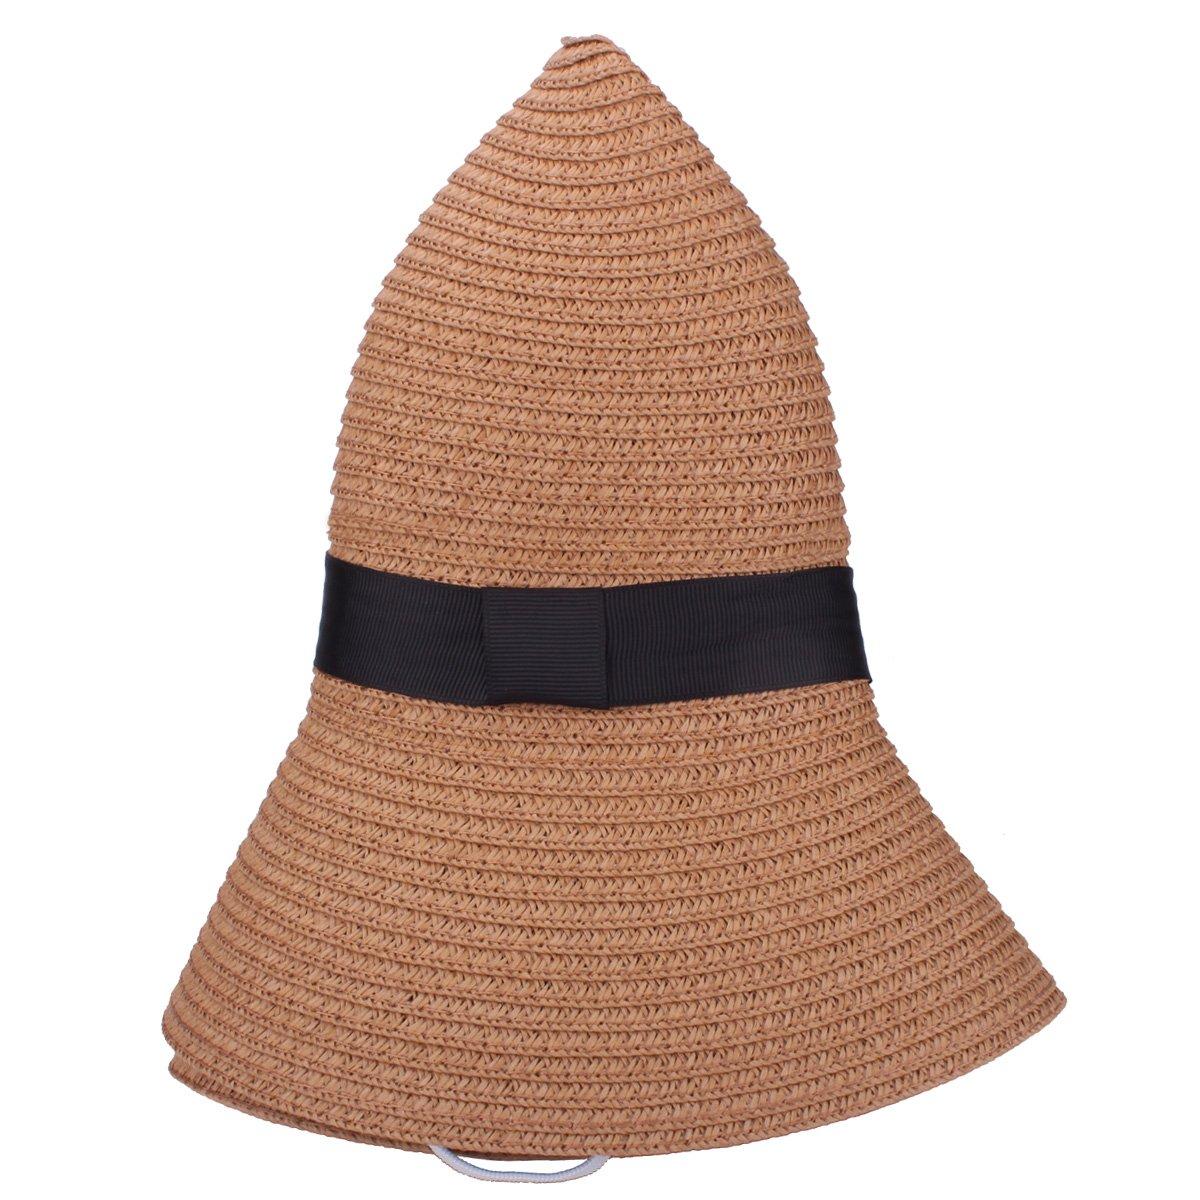 YOPINDO Sombrero de paja para mujer UPF 50+ Big Brim Sombrero de playa  plegable Summer 082d7bdc420e